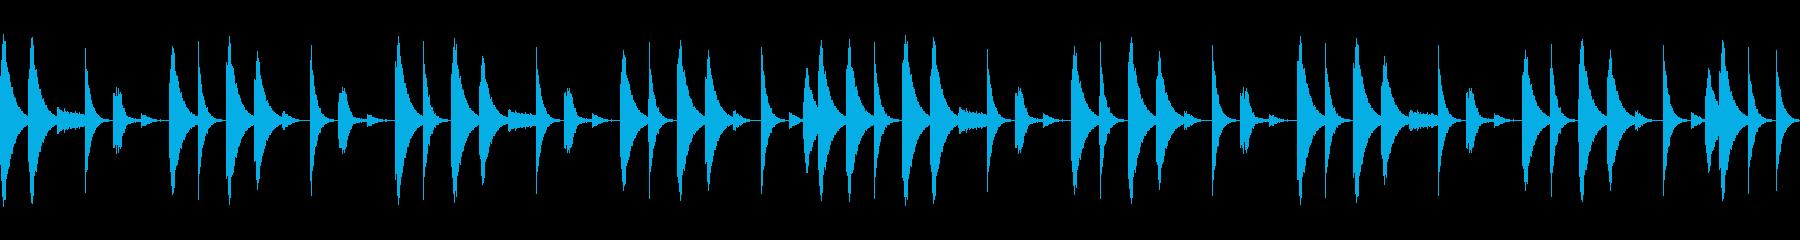 808音源を使用したシンプルなリズム05の再生済みの波形